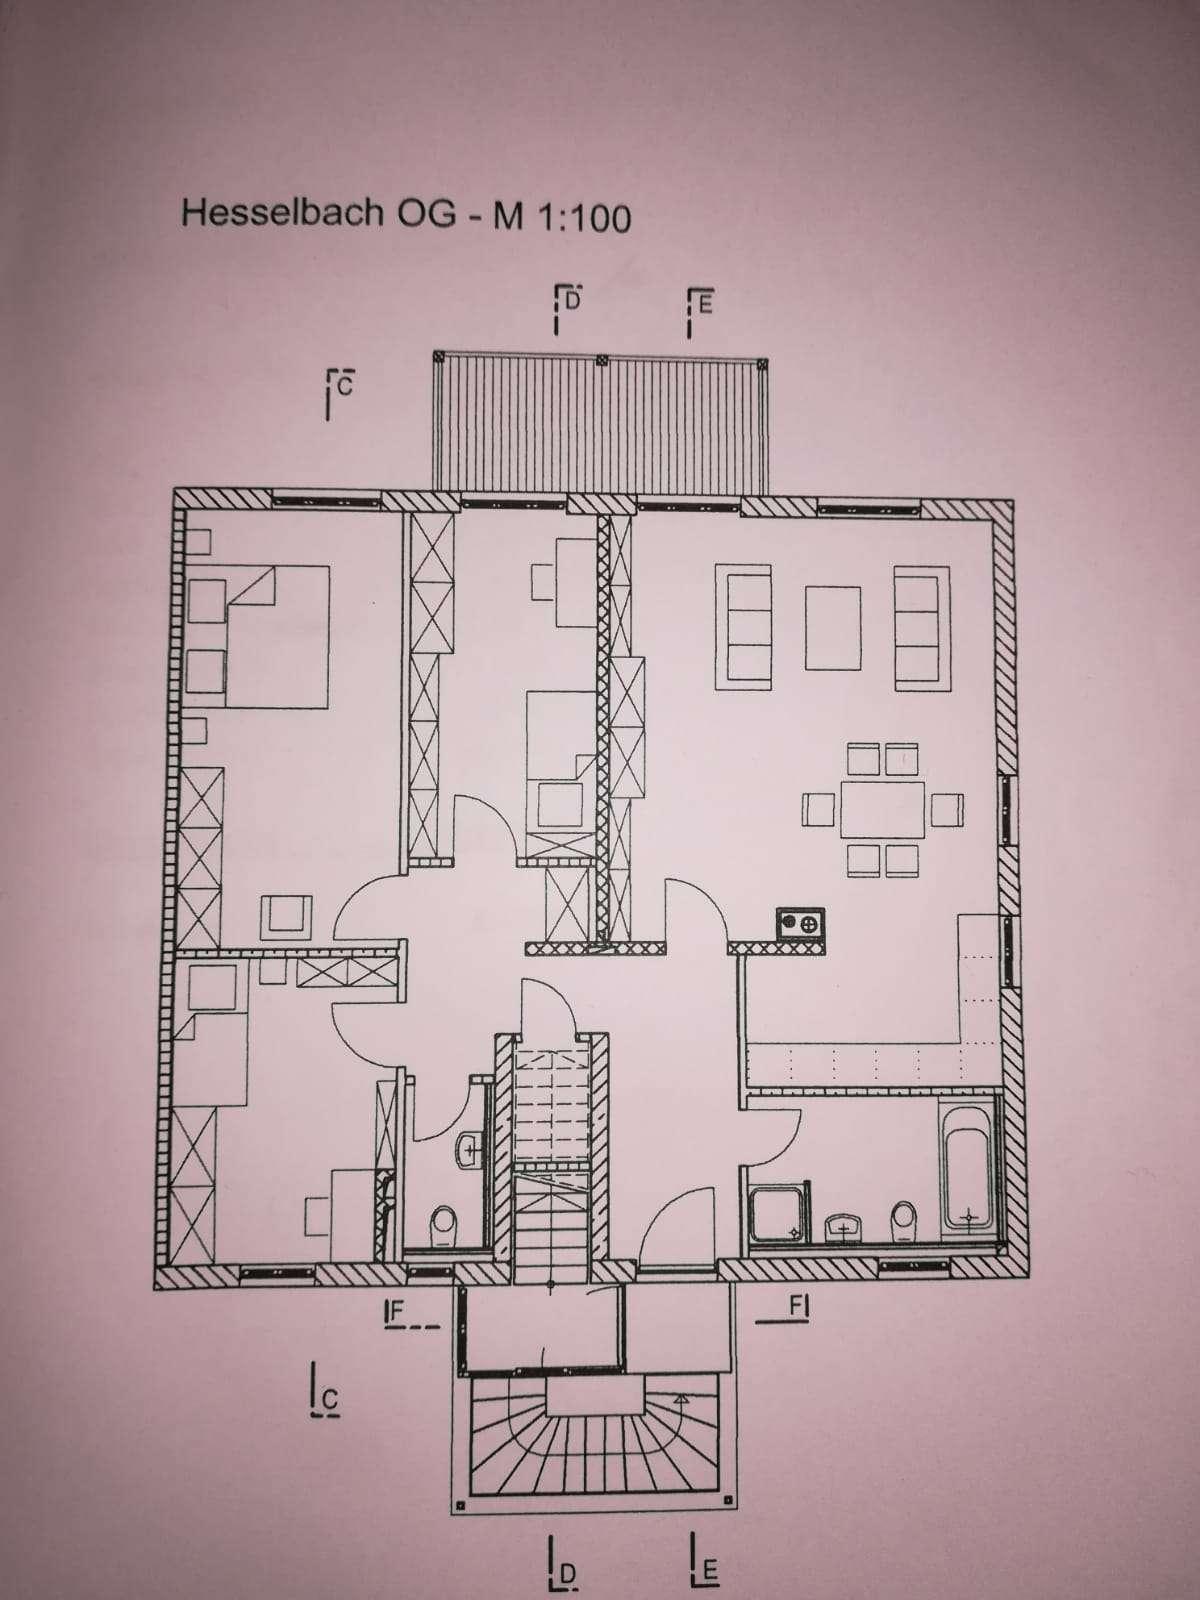 Stilvolle, geräumige und neuwertige 4-Zimmer-Wohnung mit Balkon in Markt Schwaben in